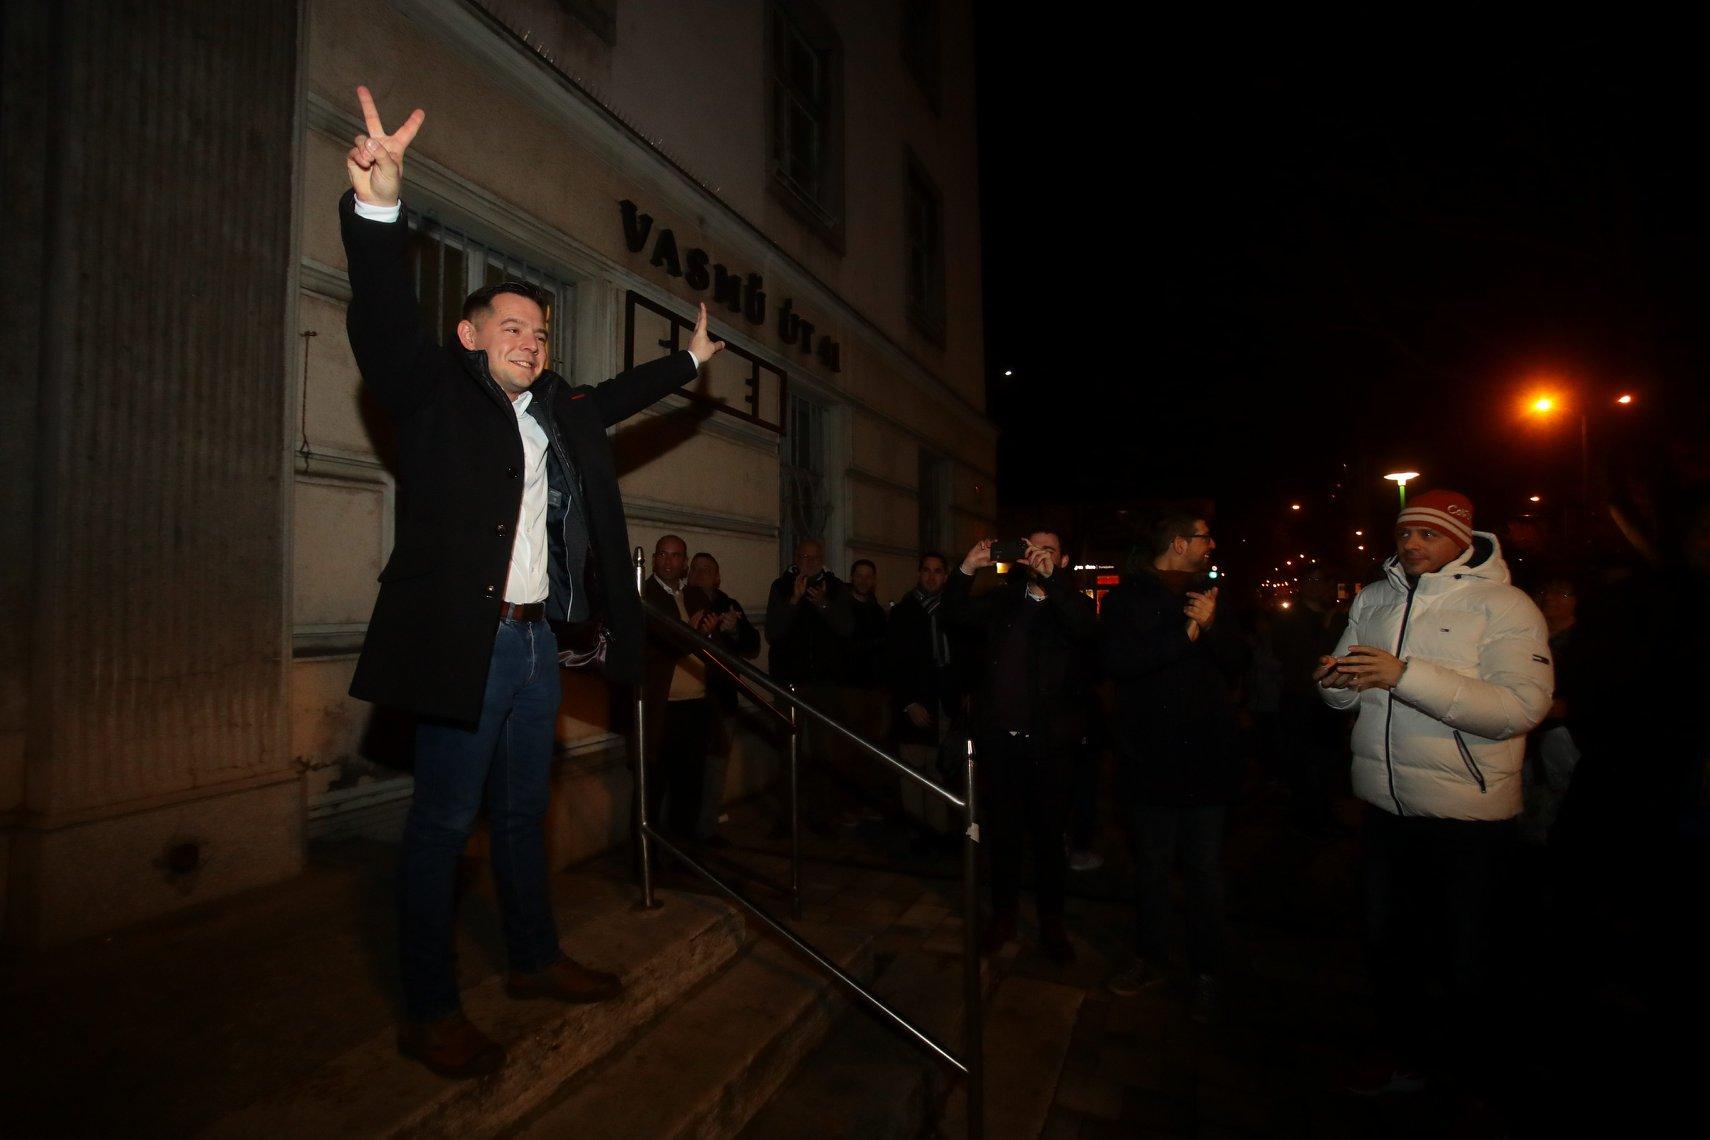 Első nekifutásra kiválóan működött az ellenzéki összefogás parlamenti változata